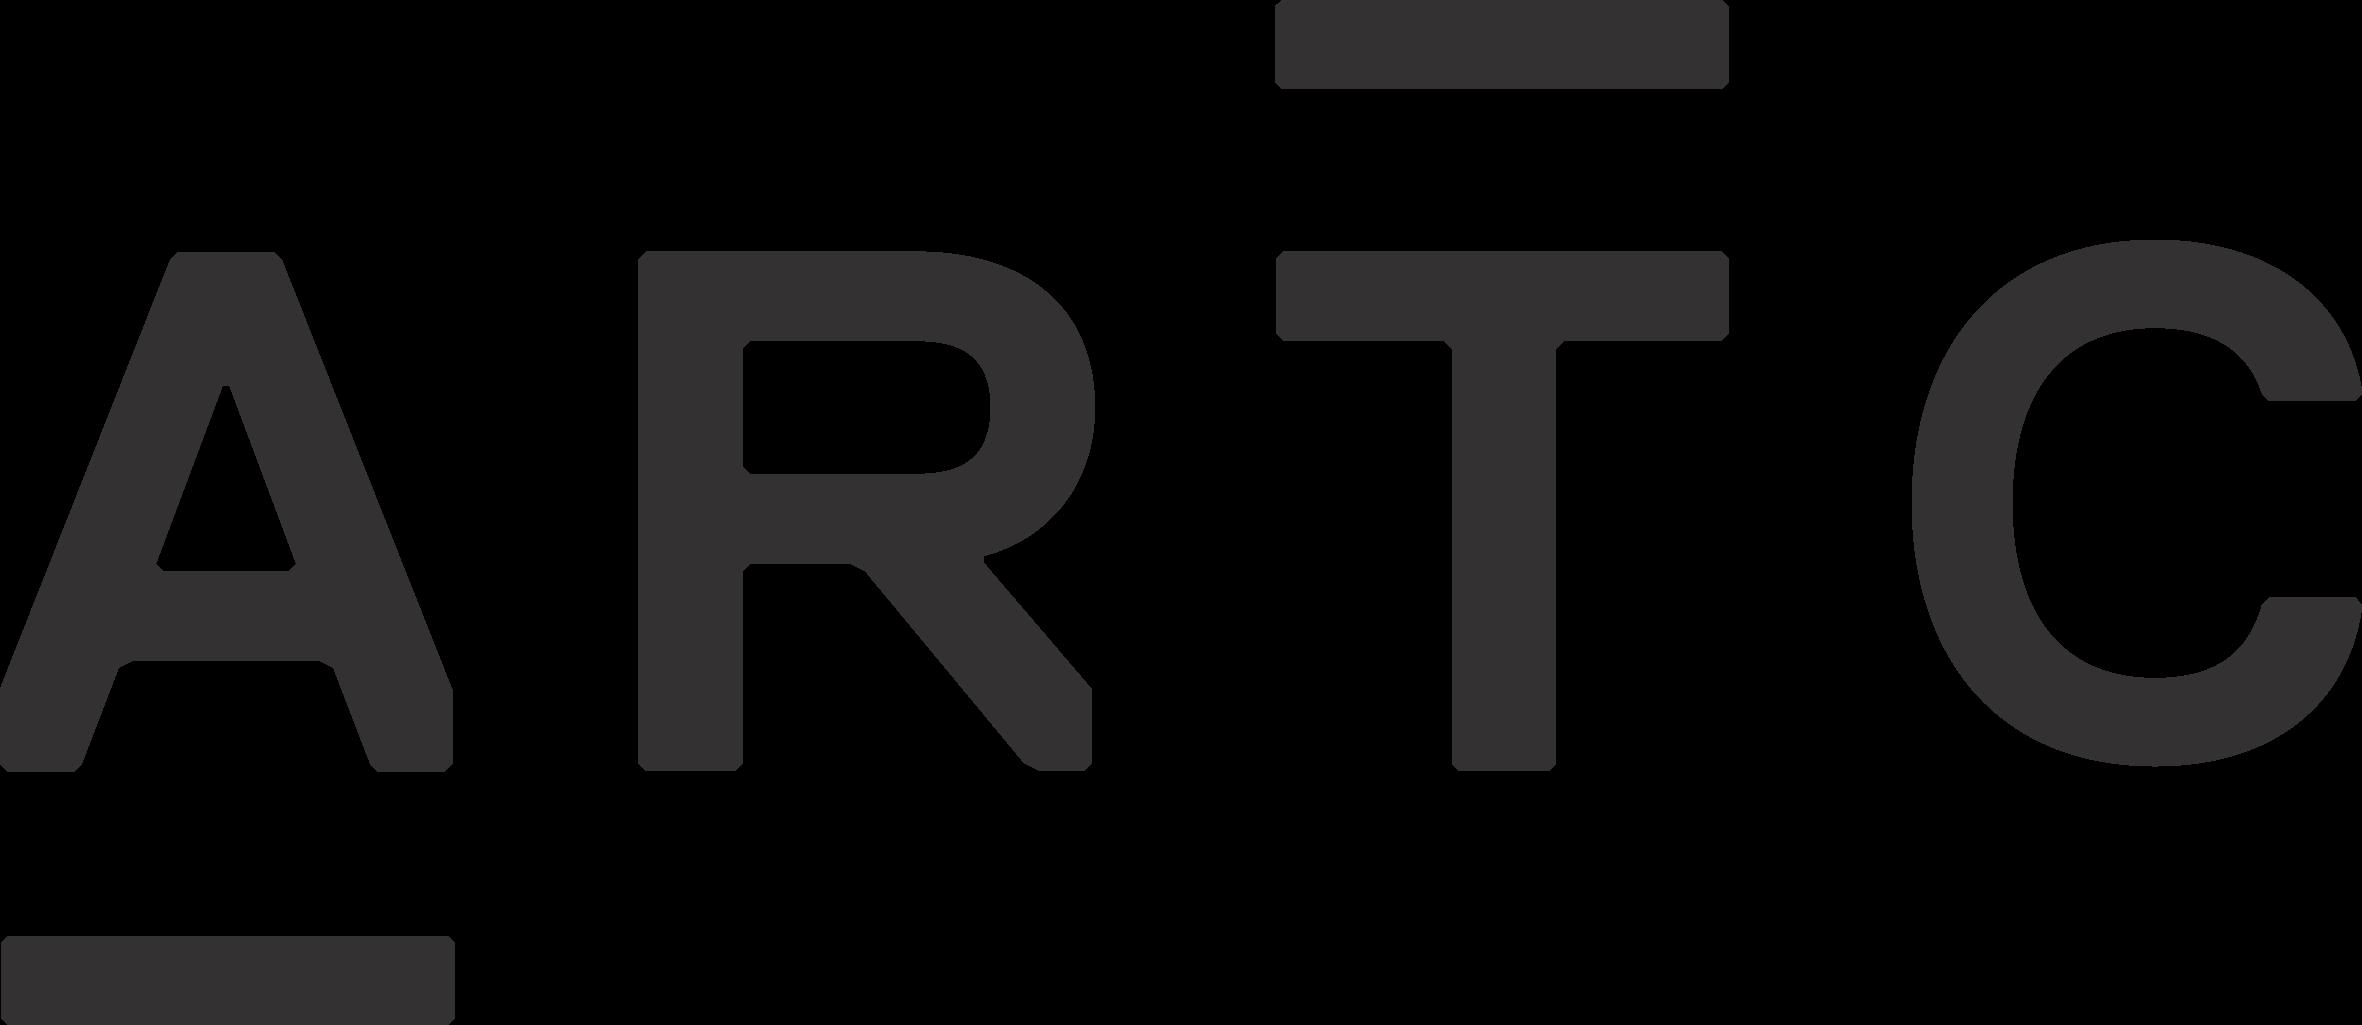 ARTC logo